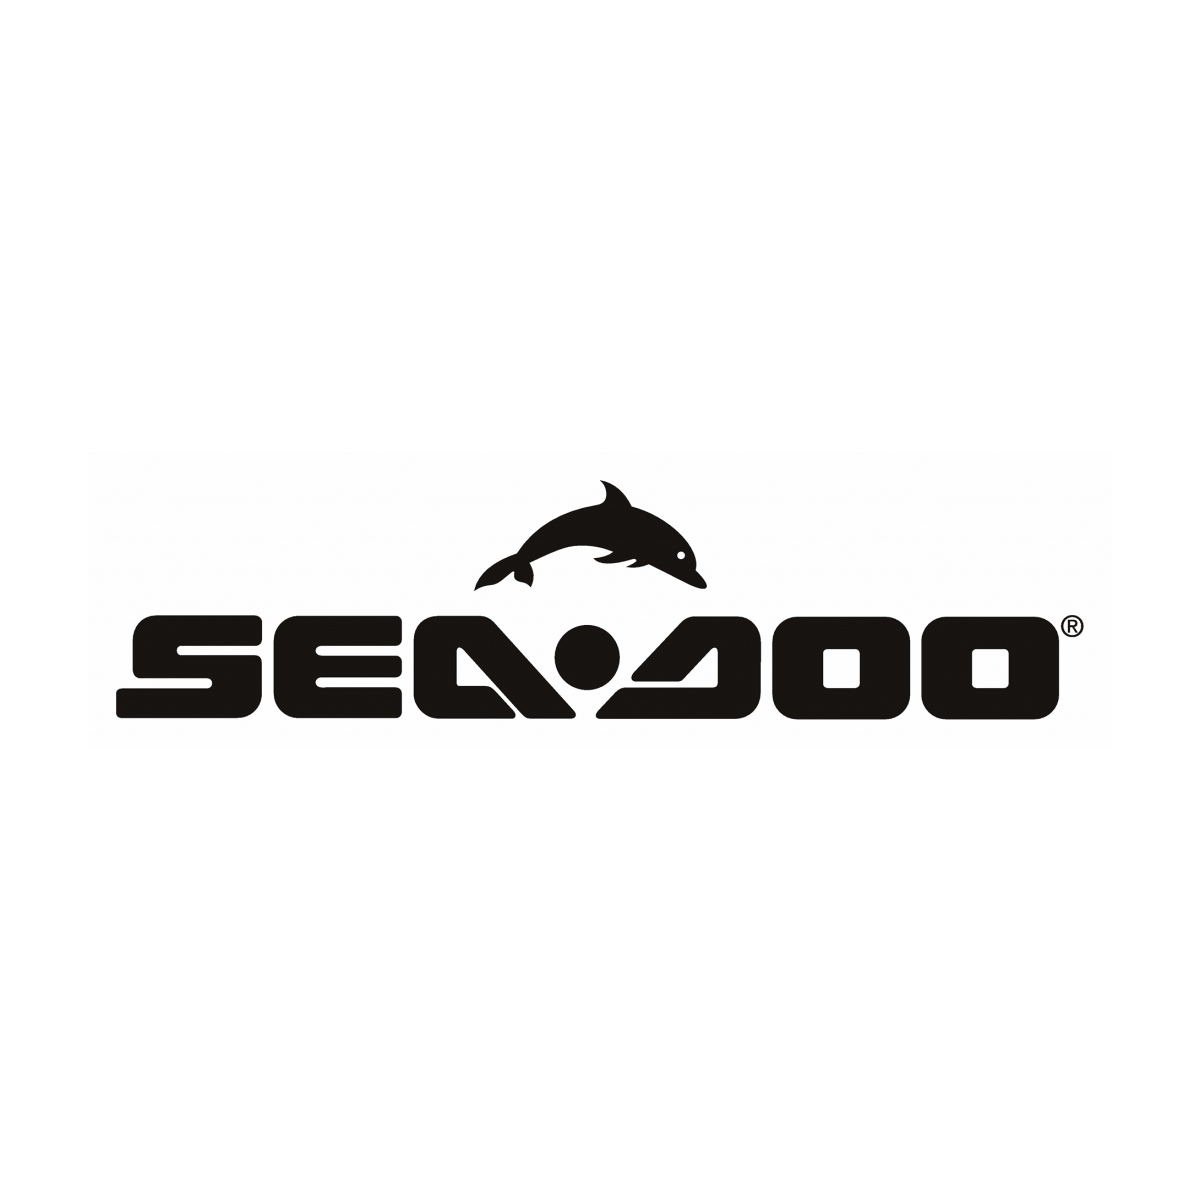 Anel Segmento Inferior Jet Ski Sea Doo 580 0.50 Original  - Radical Peças - Peças para Jet Ski